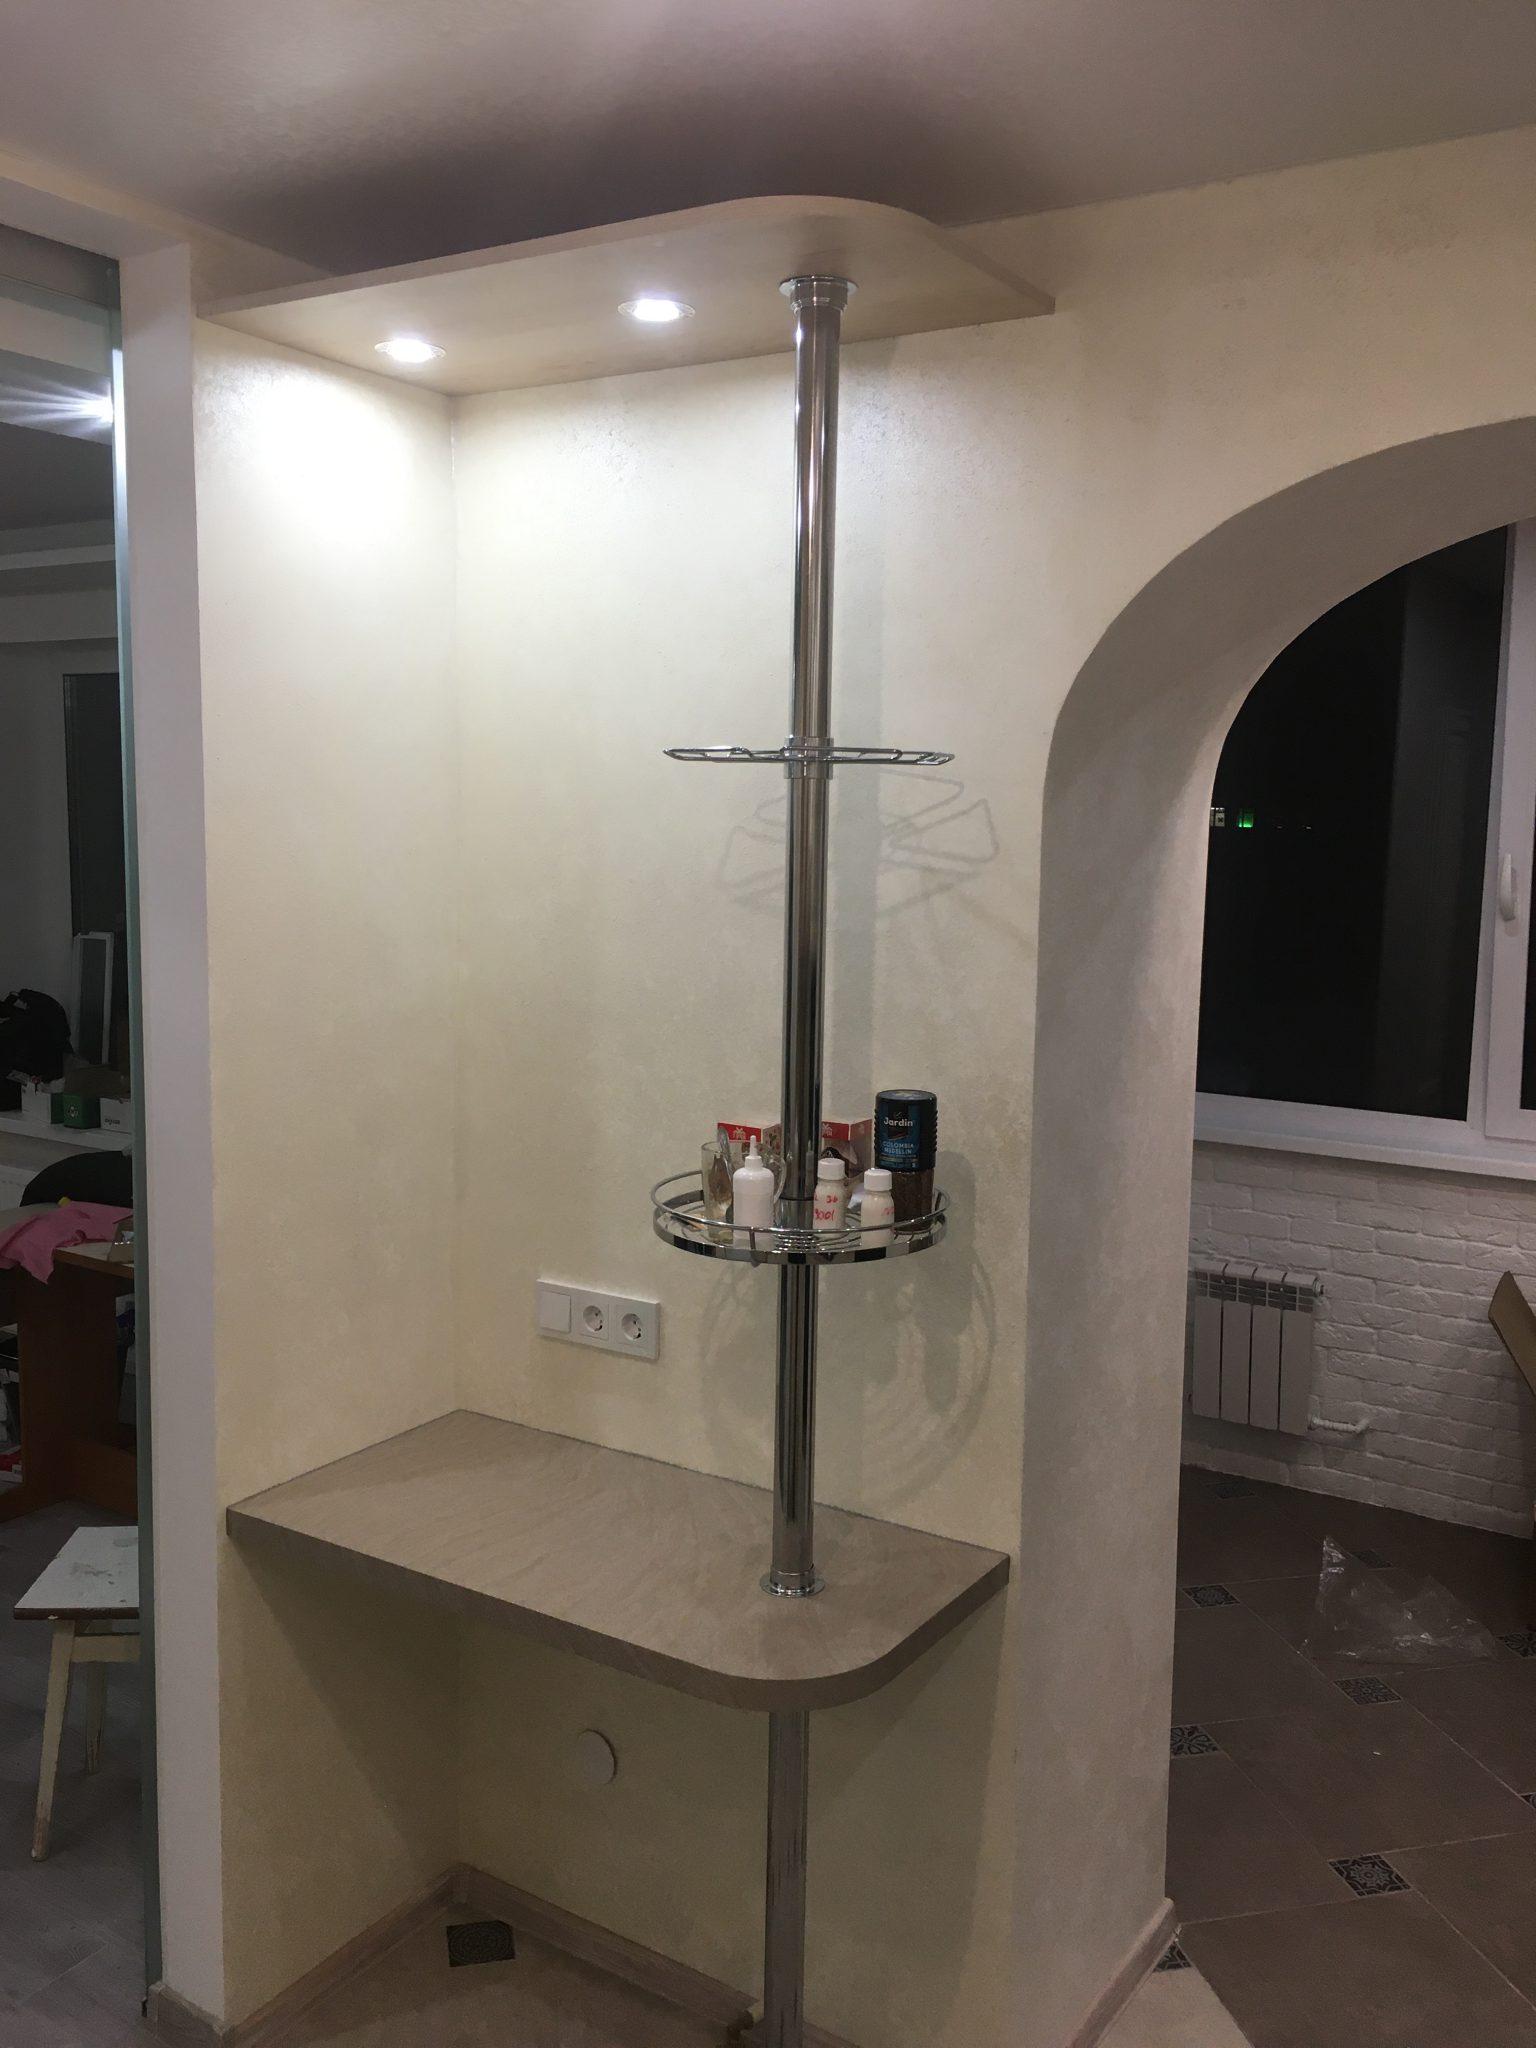 кухня в Гомеле по ул. Свиридова из массива ясеня 71 3